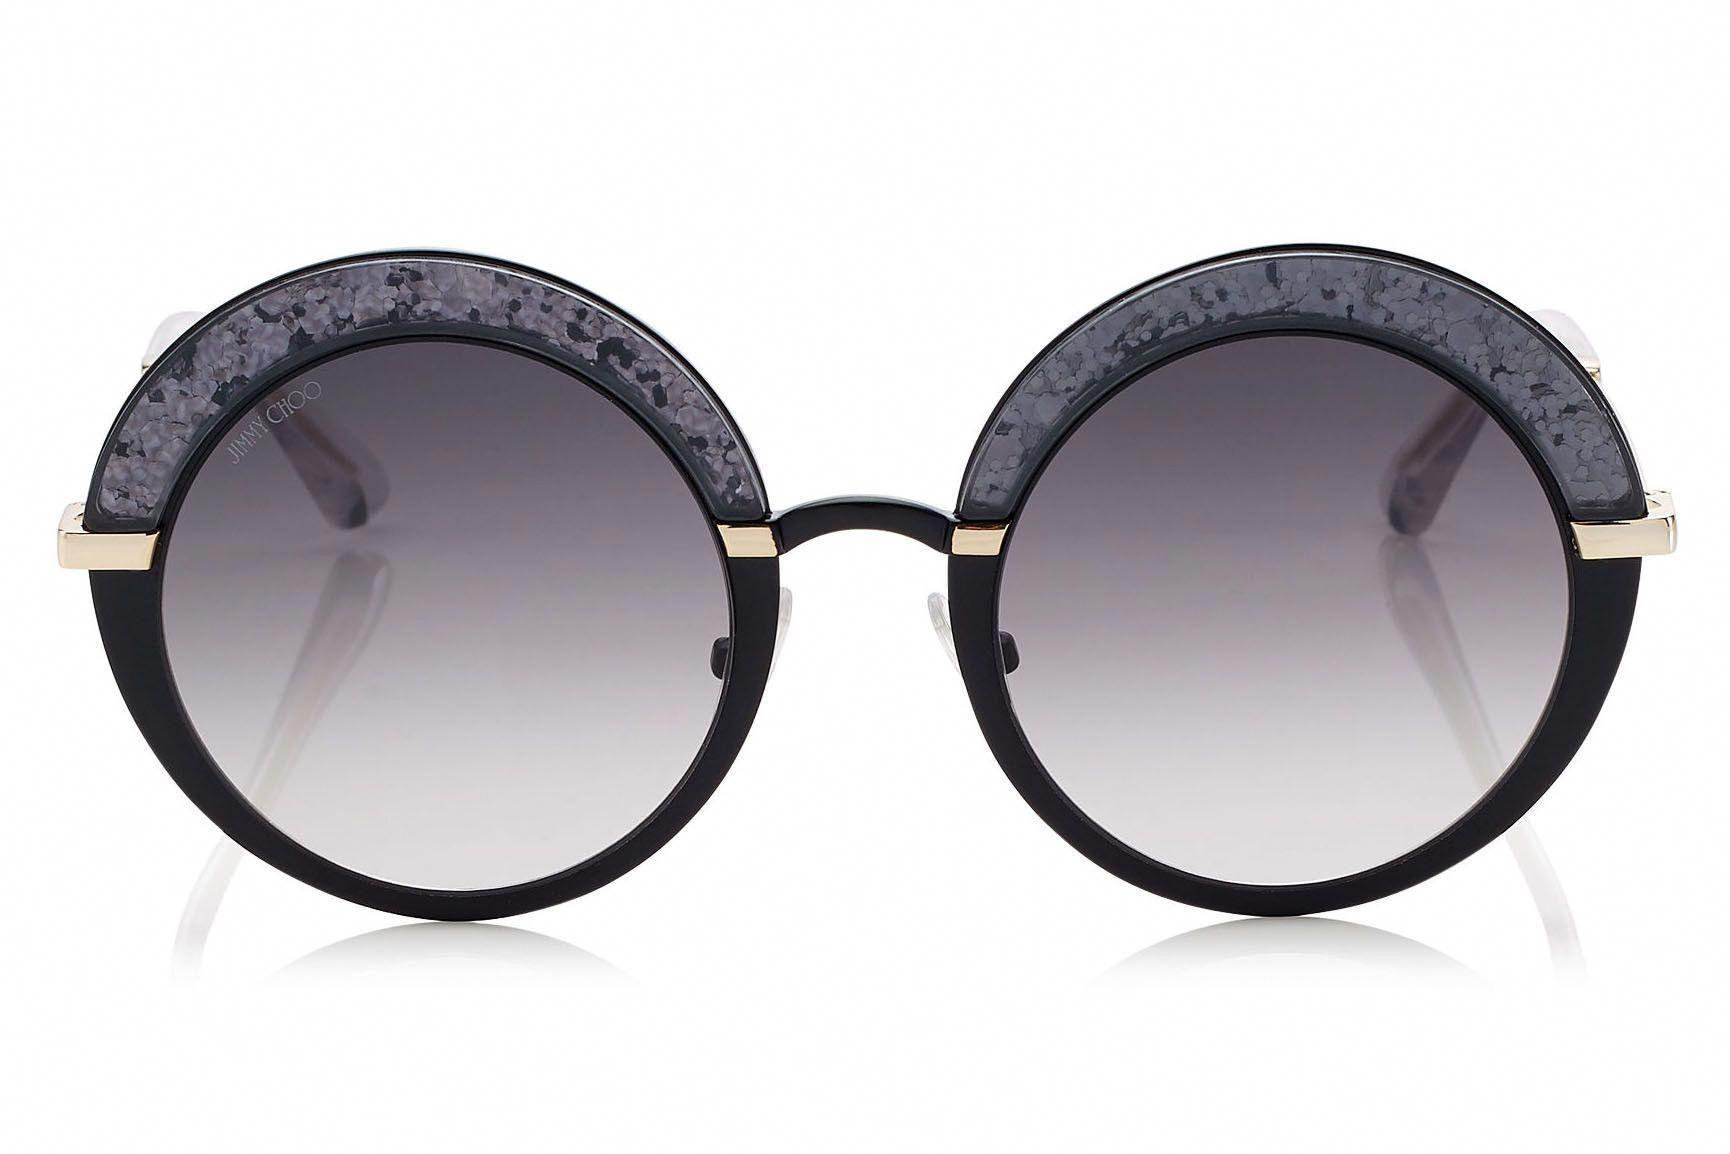 ede463857dbf Jimmy Choo - Gotha Black Gold and Glitter Round Framed Sunglasses  JimmyChoo